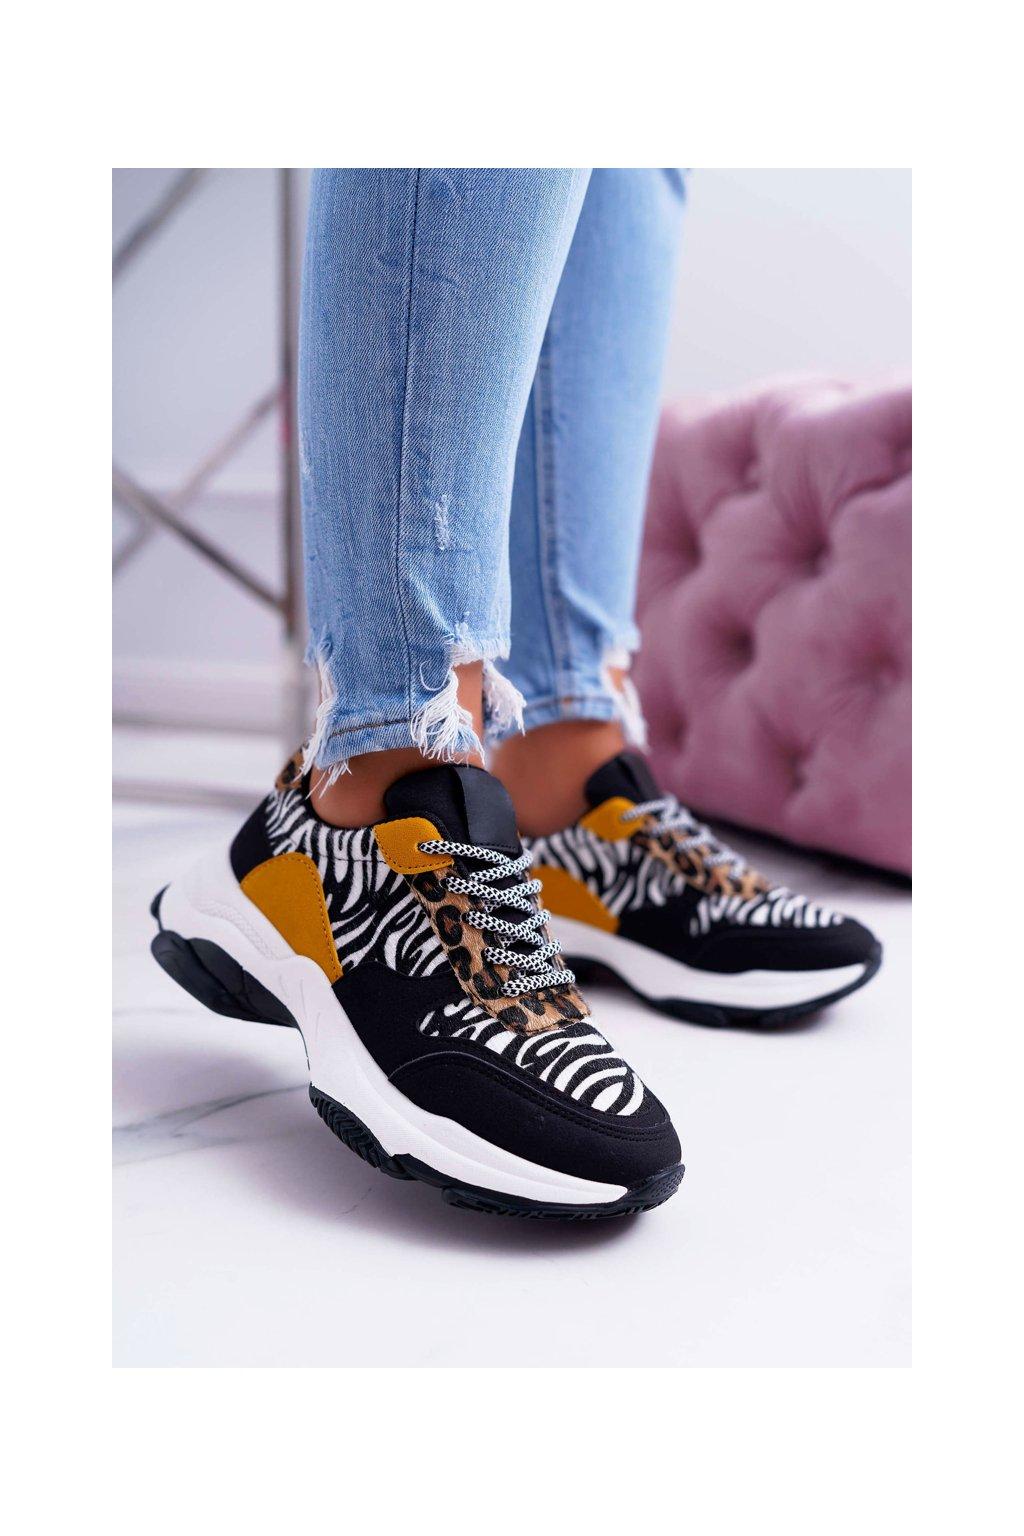 Dámska športová obuv s hrubou Podrážkou Zebra Sevana